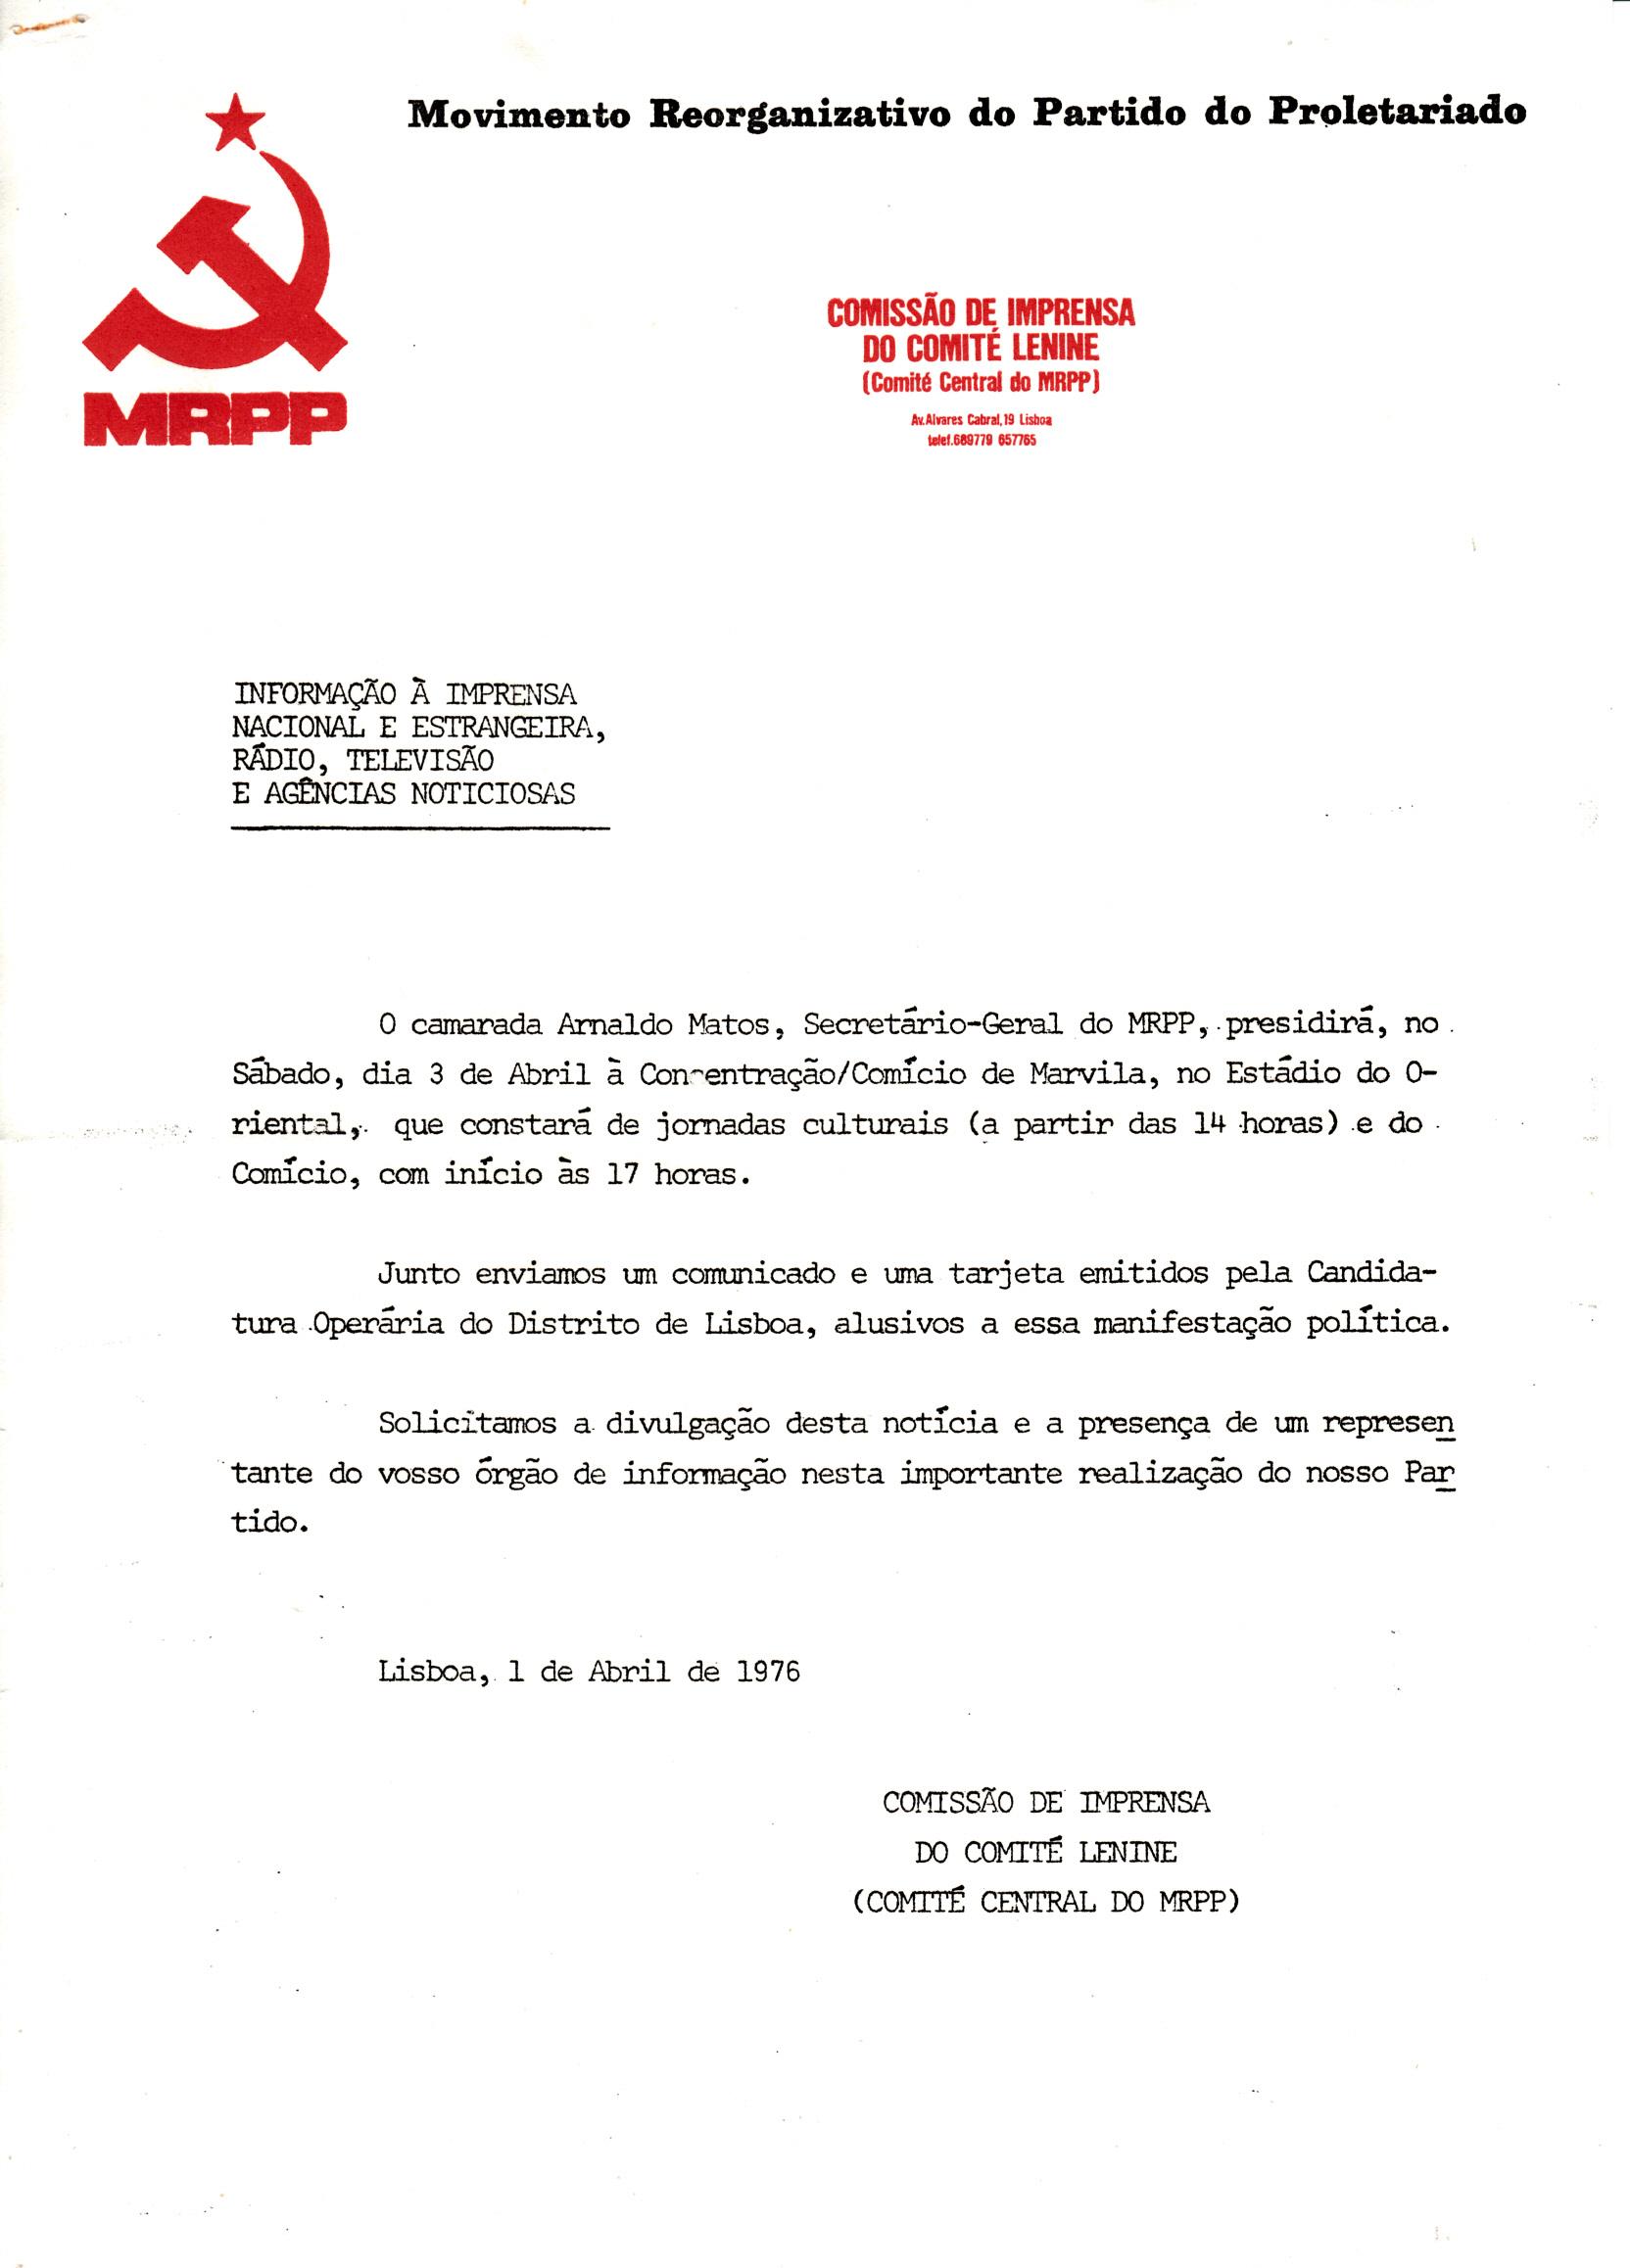 MRPP_1976_04_01